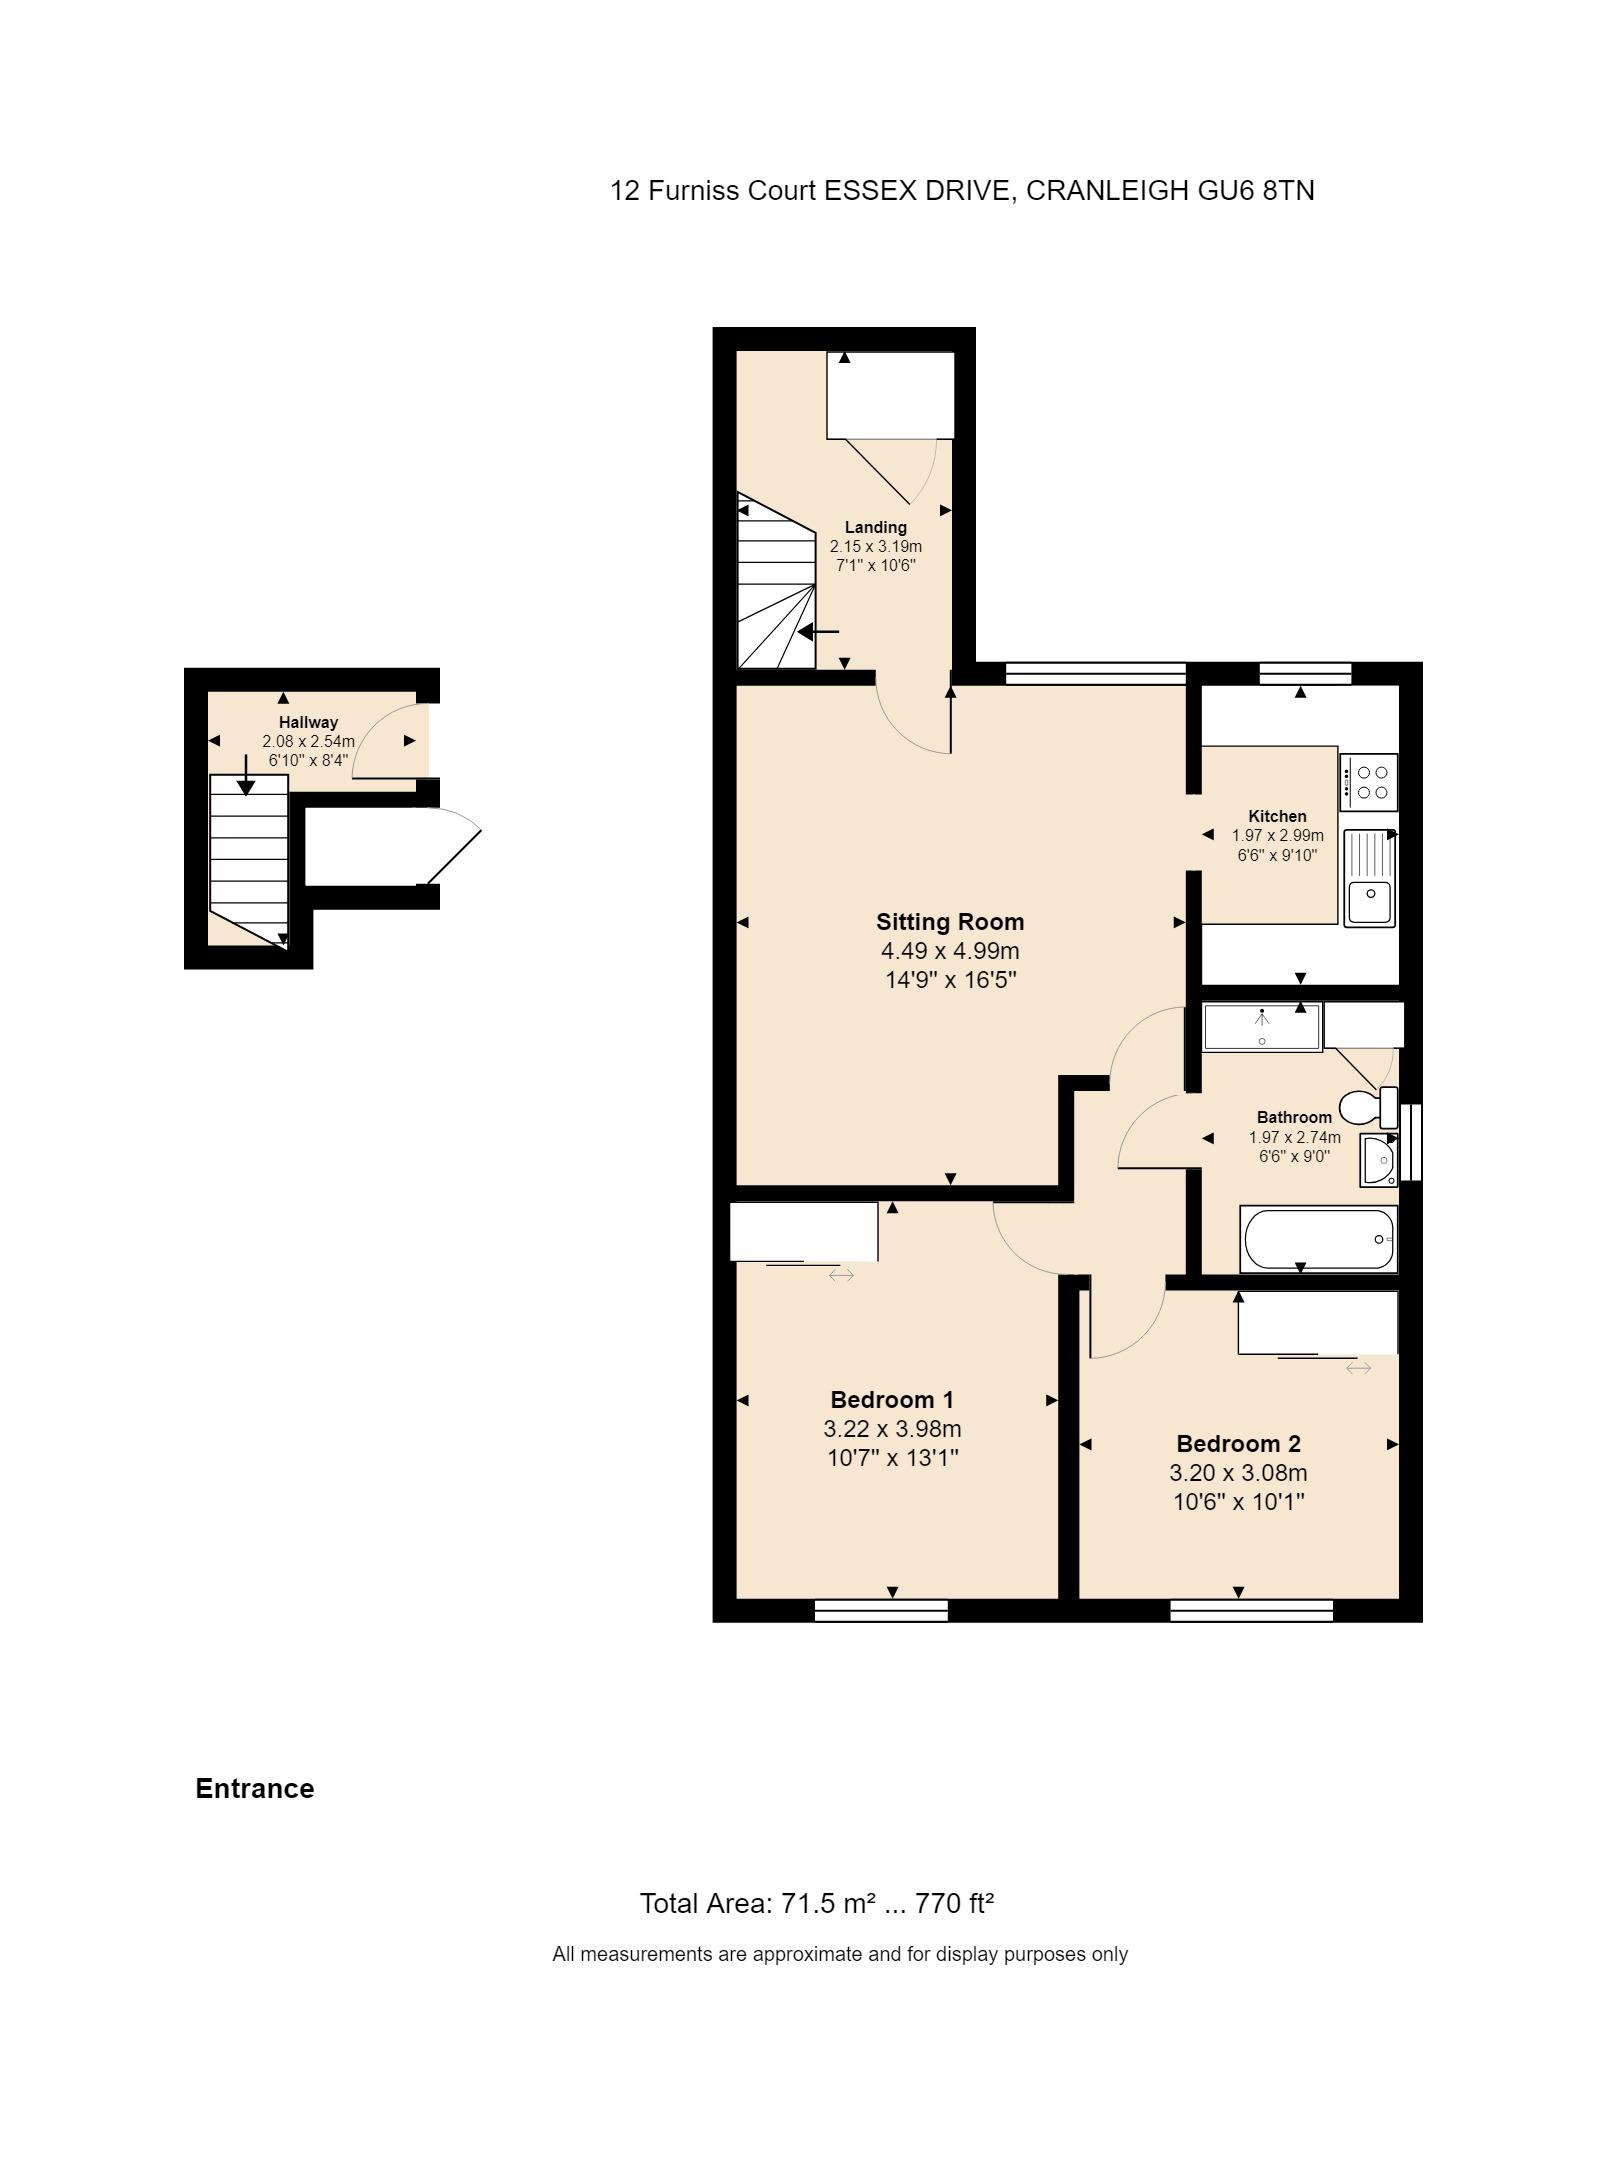 12 Furniss Court Floorplan